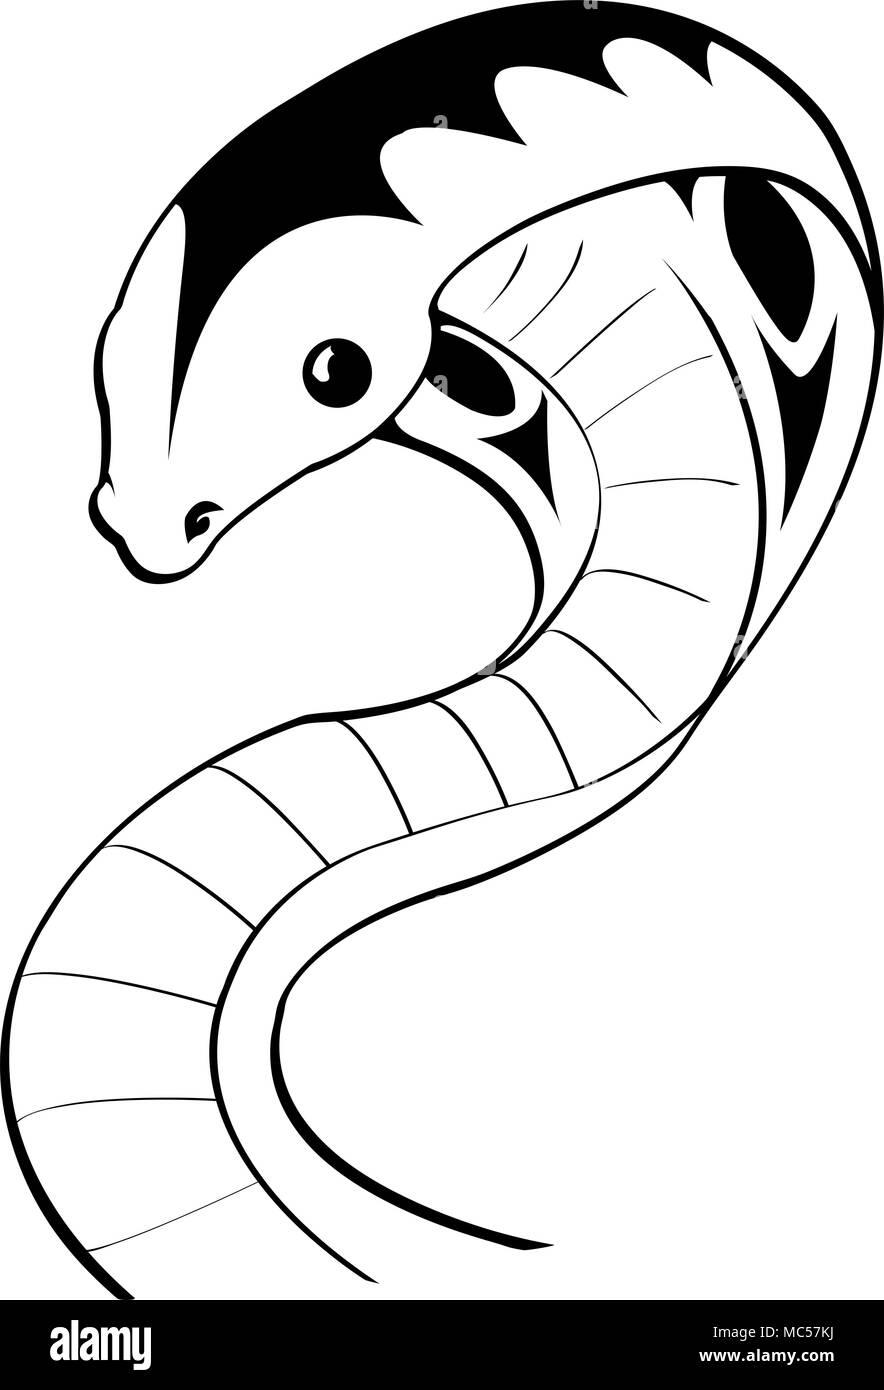 In Bianco E Nero Di Serpente Di Vettore Di Disegno Di Origine